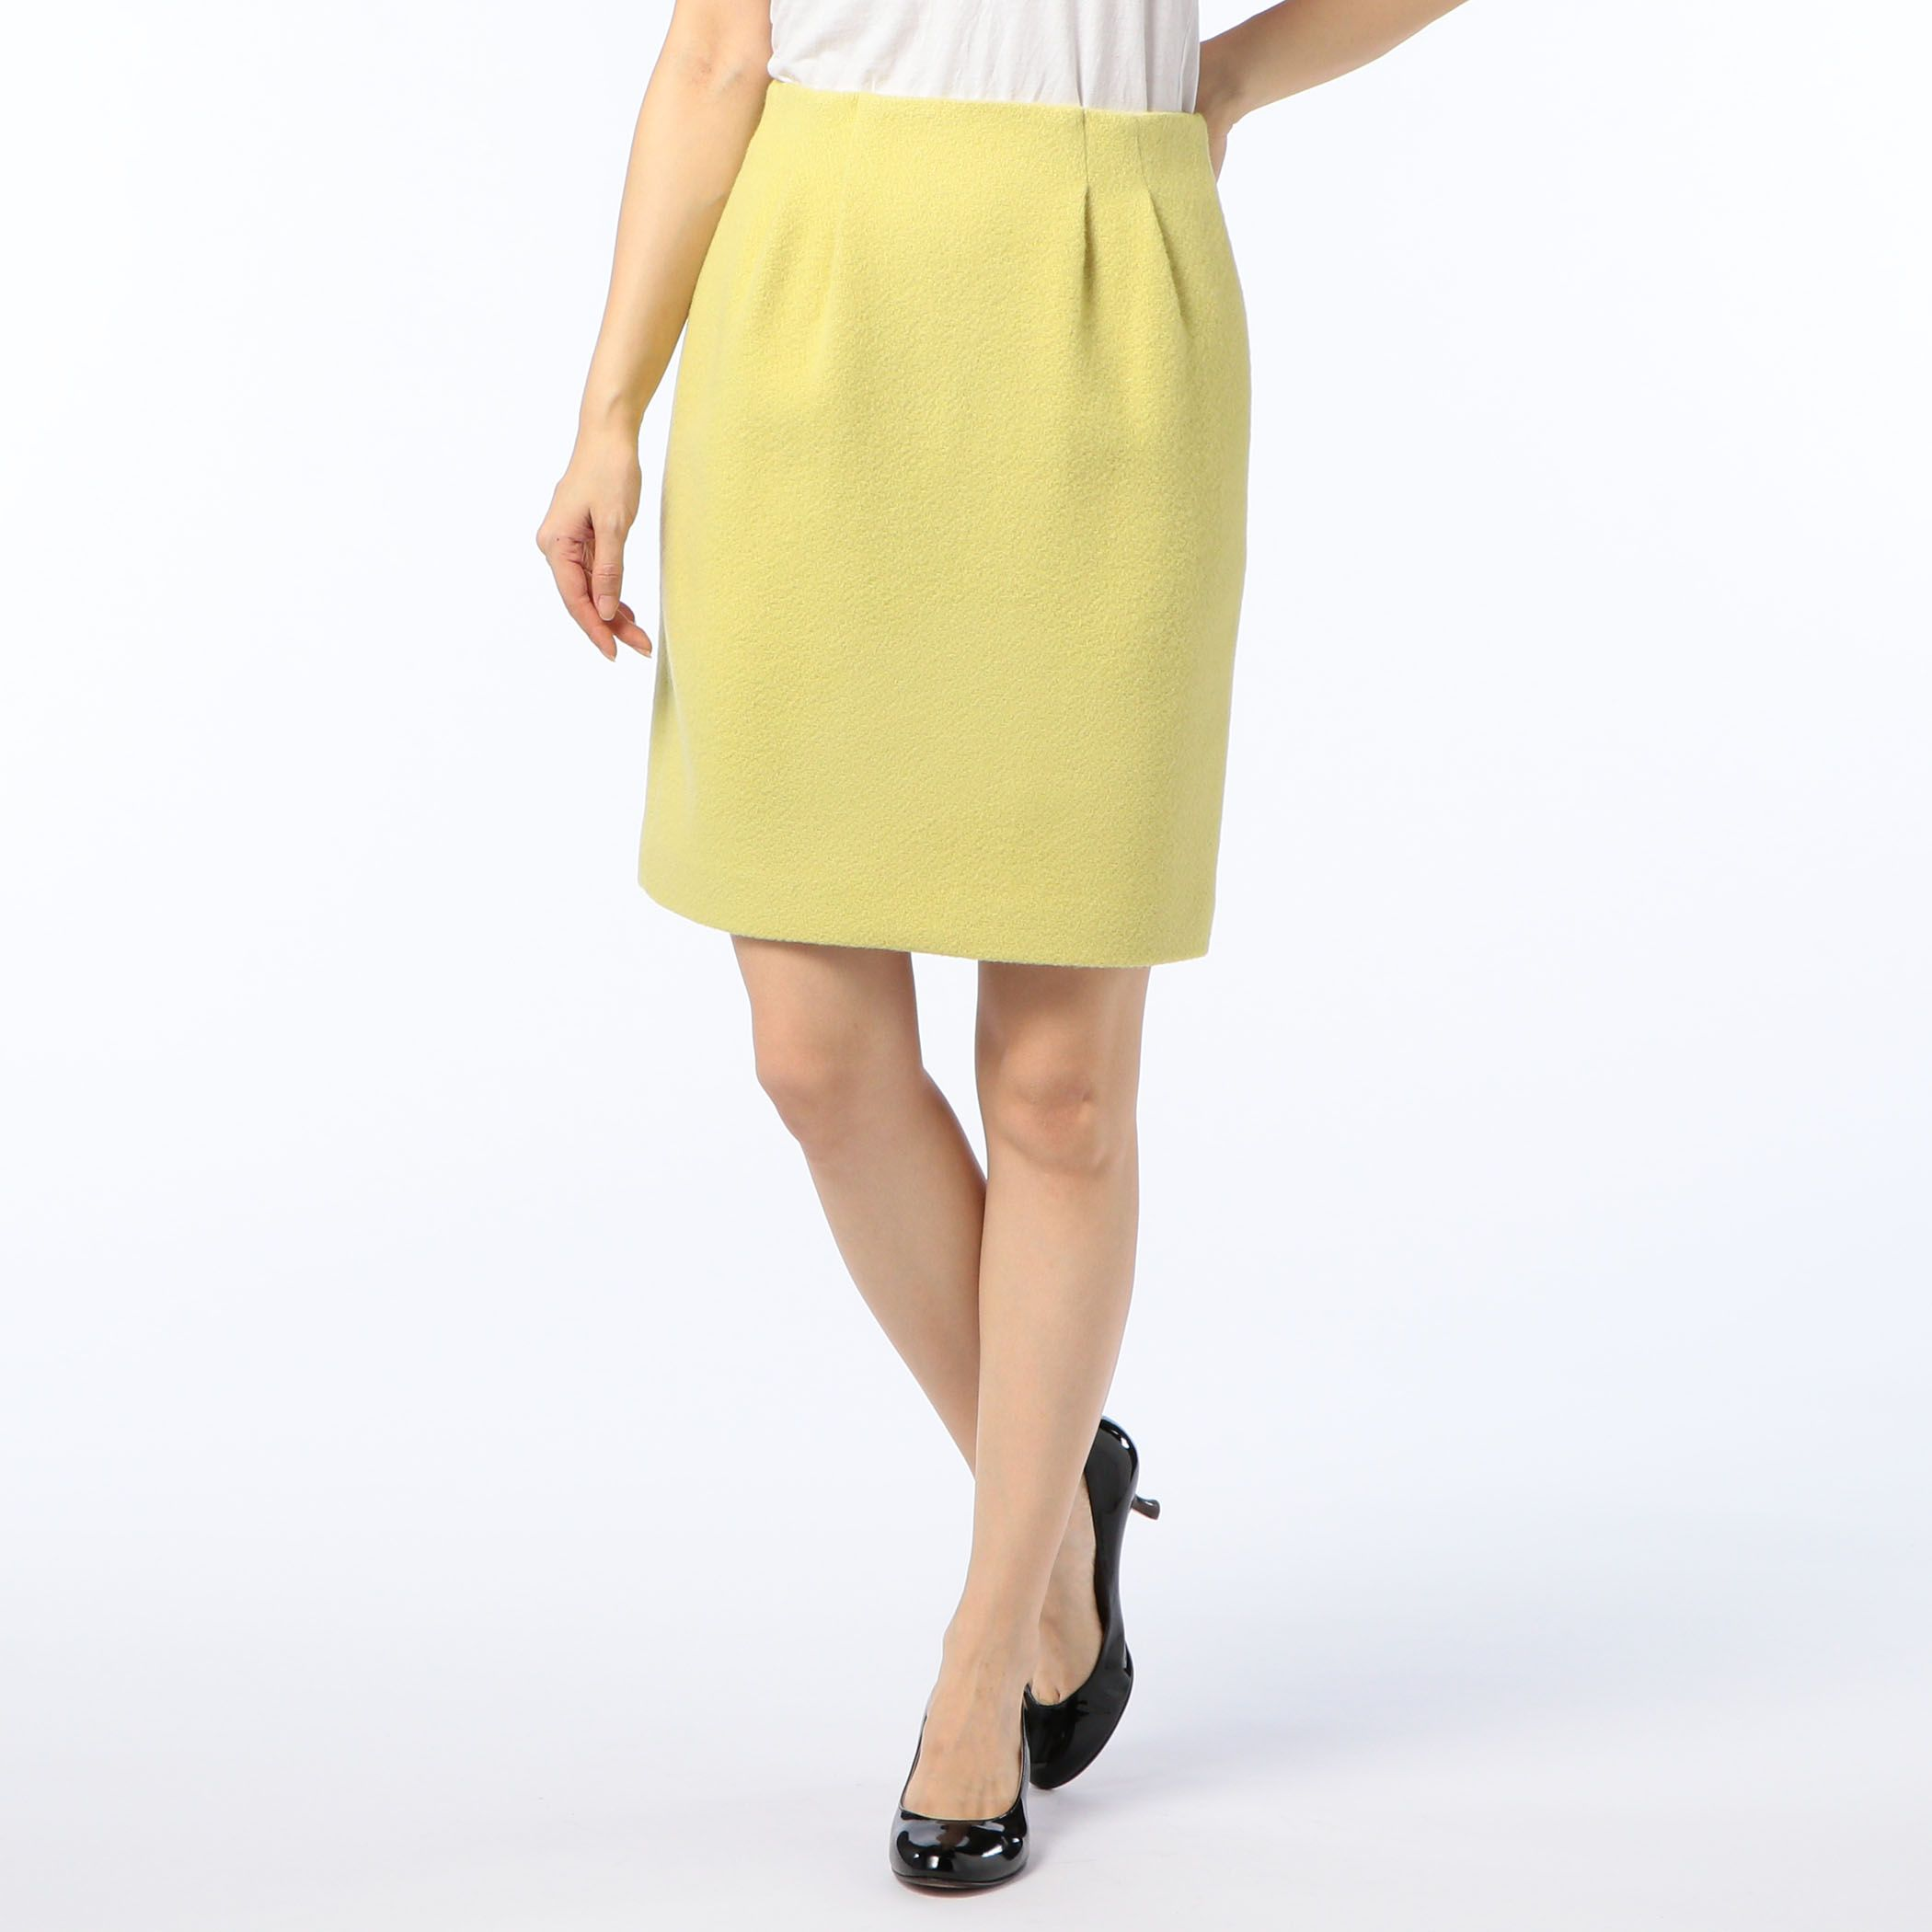 NOLLEY'Sノーリーズ/アンゴラ混メロンタイトスカート